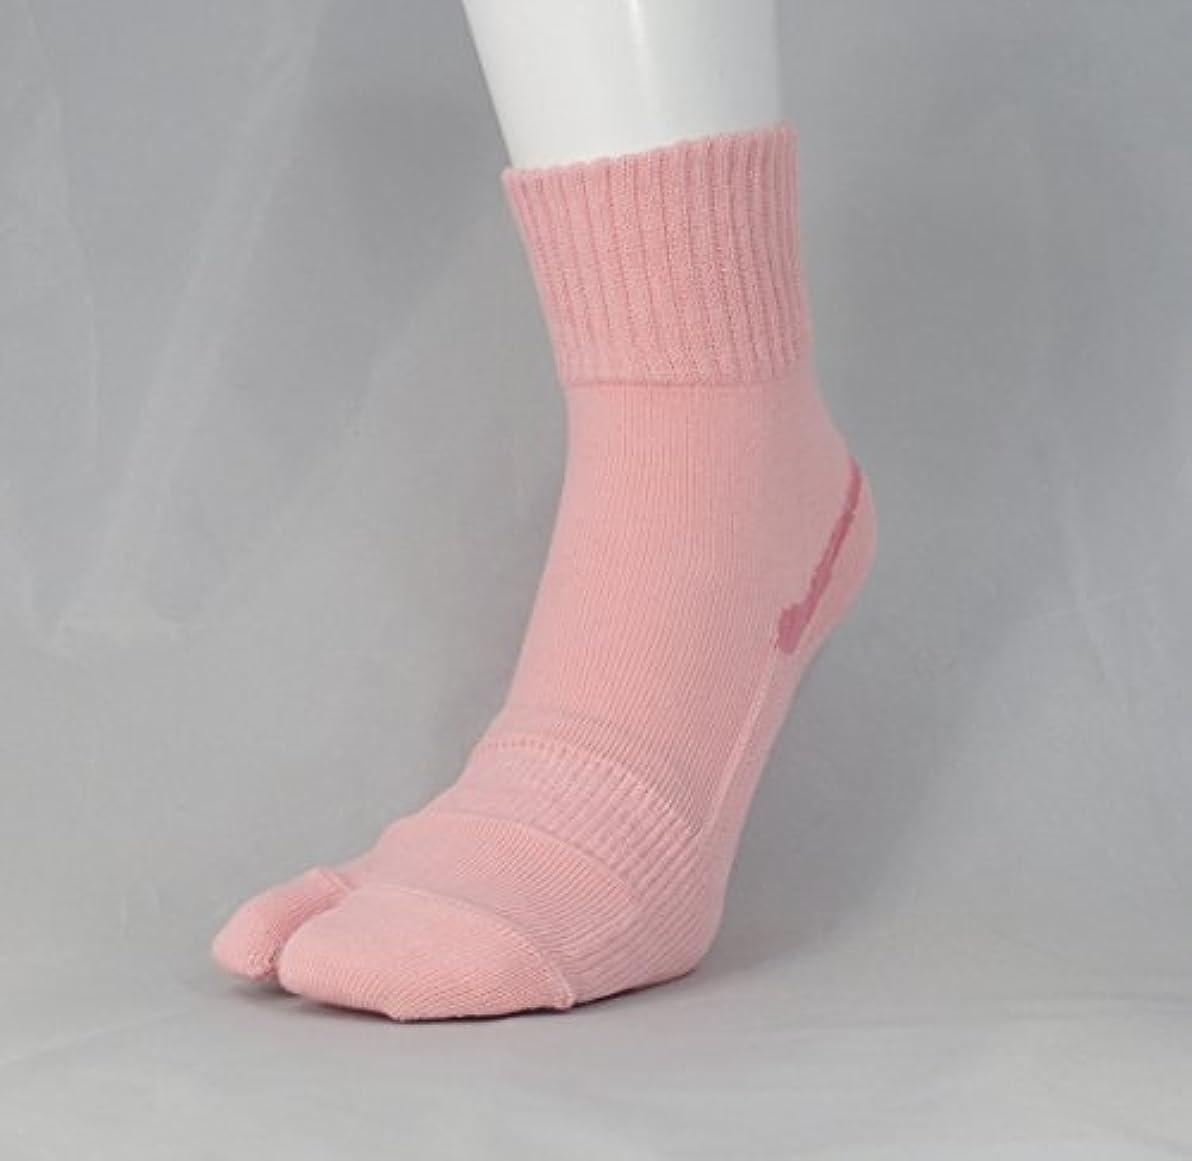 ぴかぴかコピー民間人【あしサポ】履くだけで足がラクにひらく靴下 外反母趾に (Mサイズ(23-24センチ), ピンク)